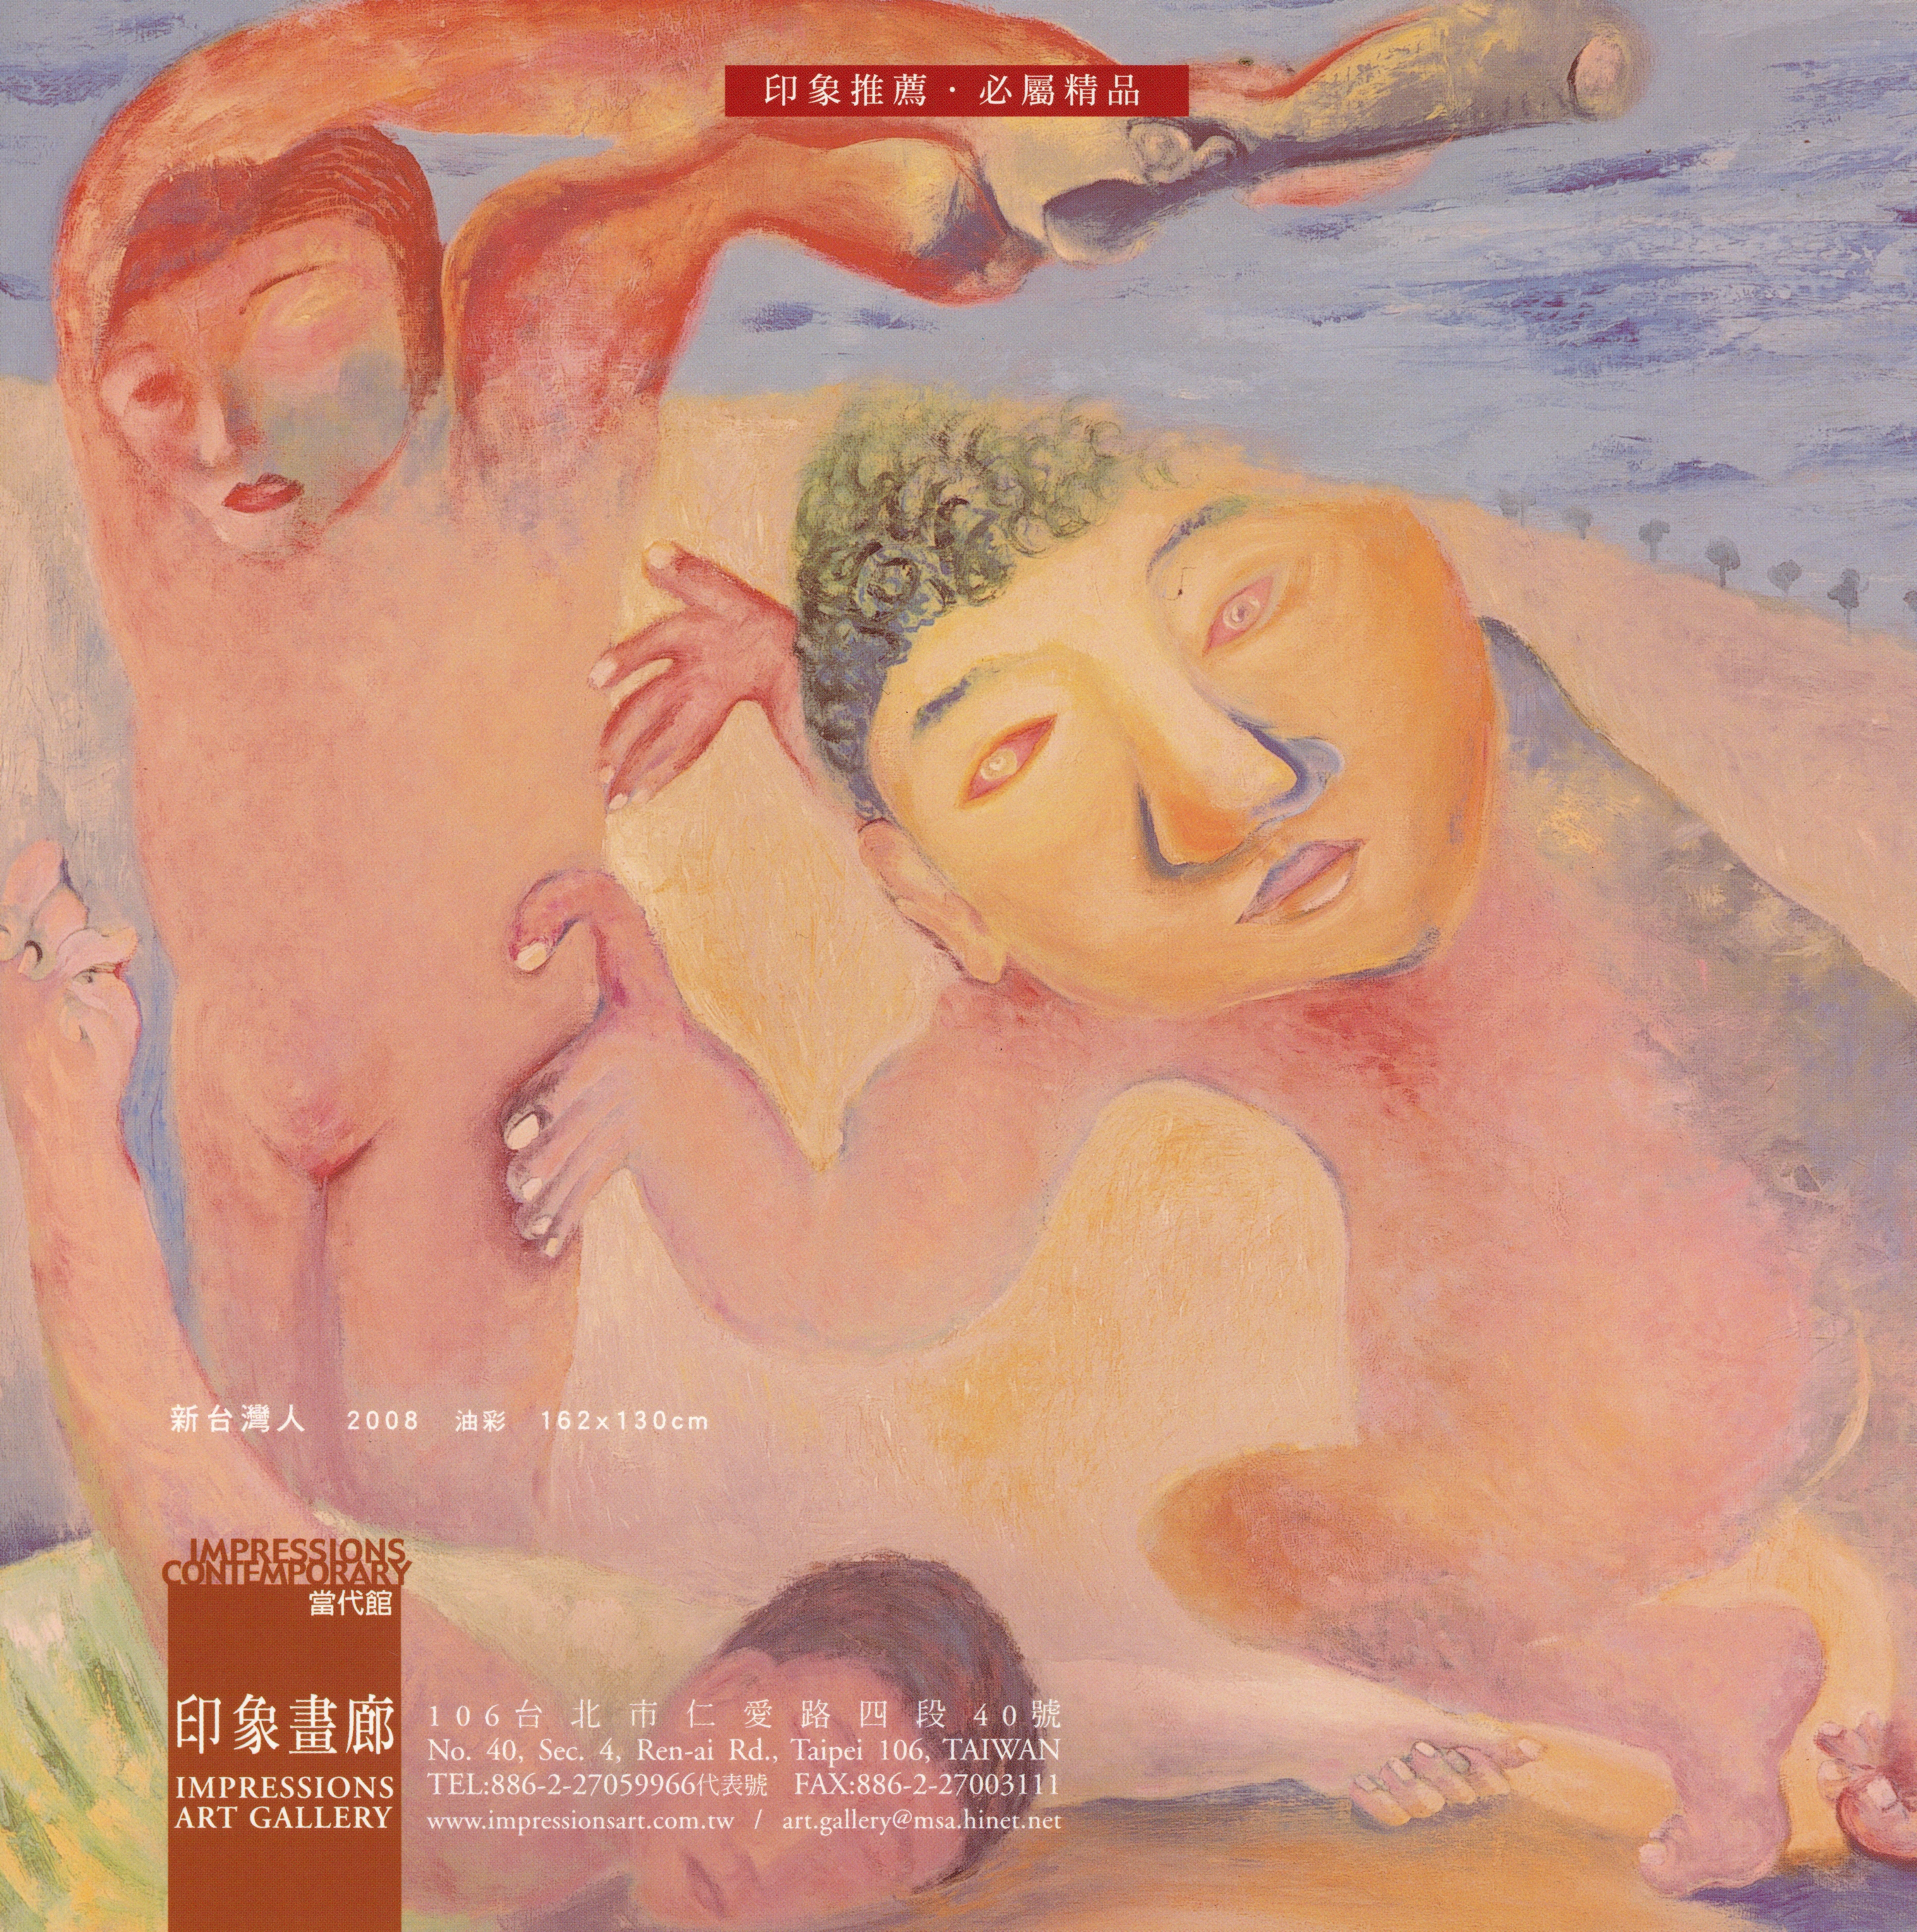 傅慶豊個展/邀請卡